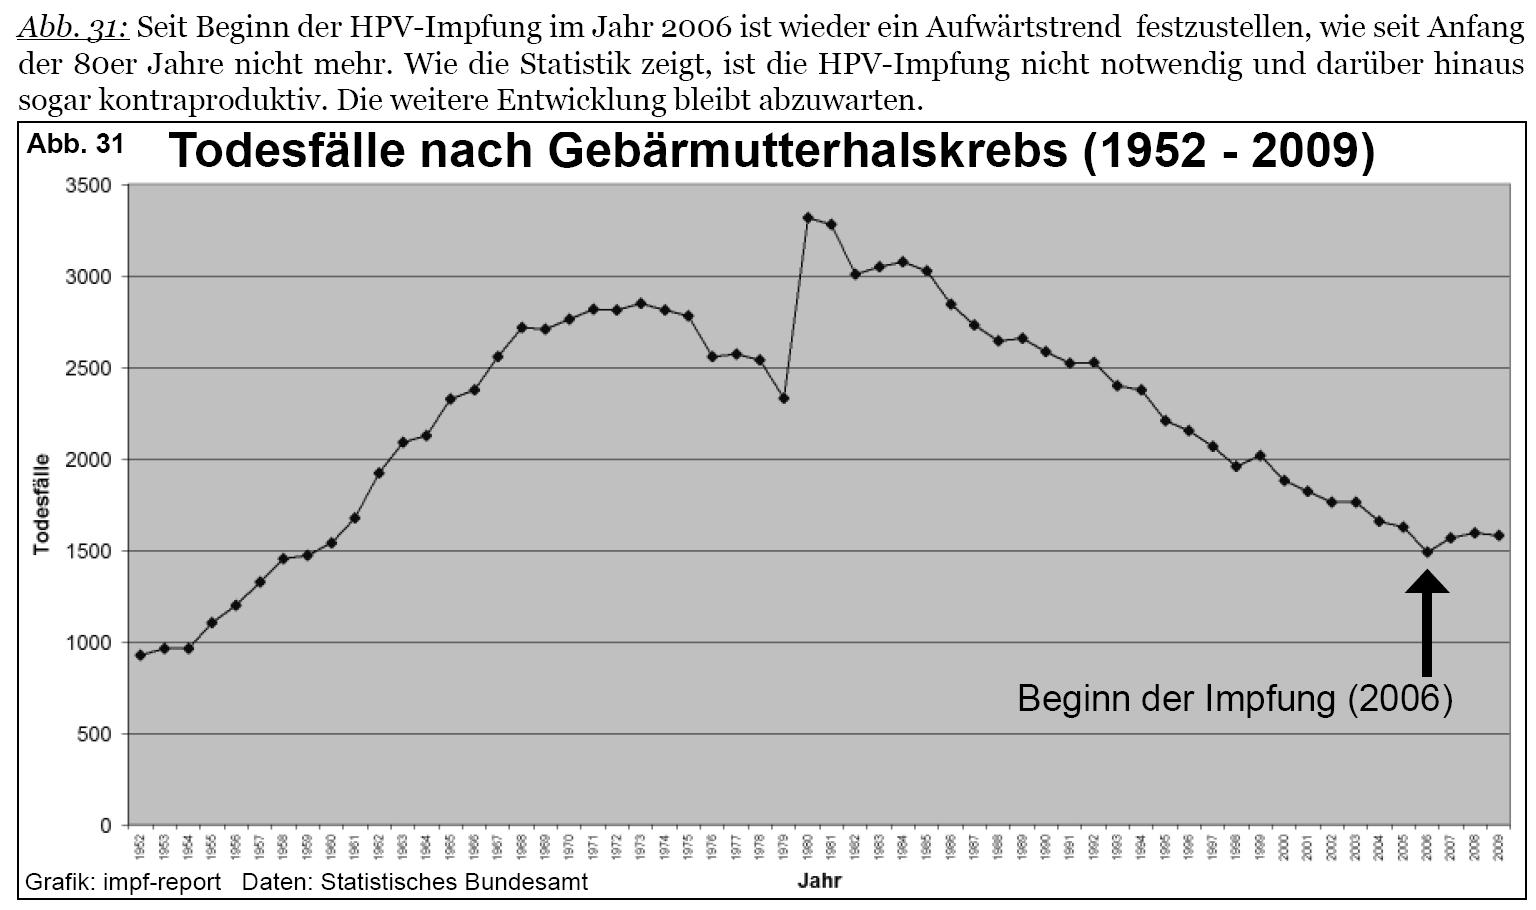 Papillomavirus lesion icd 10 - Hpv impfung kosten